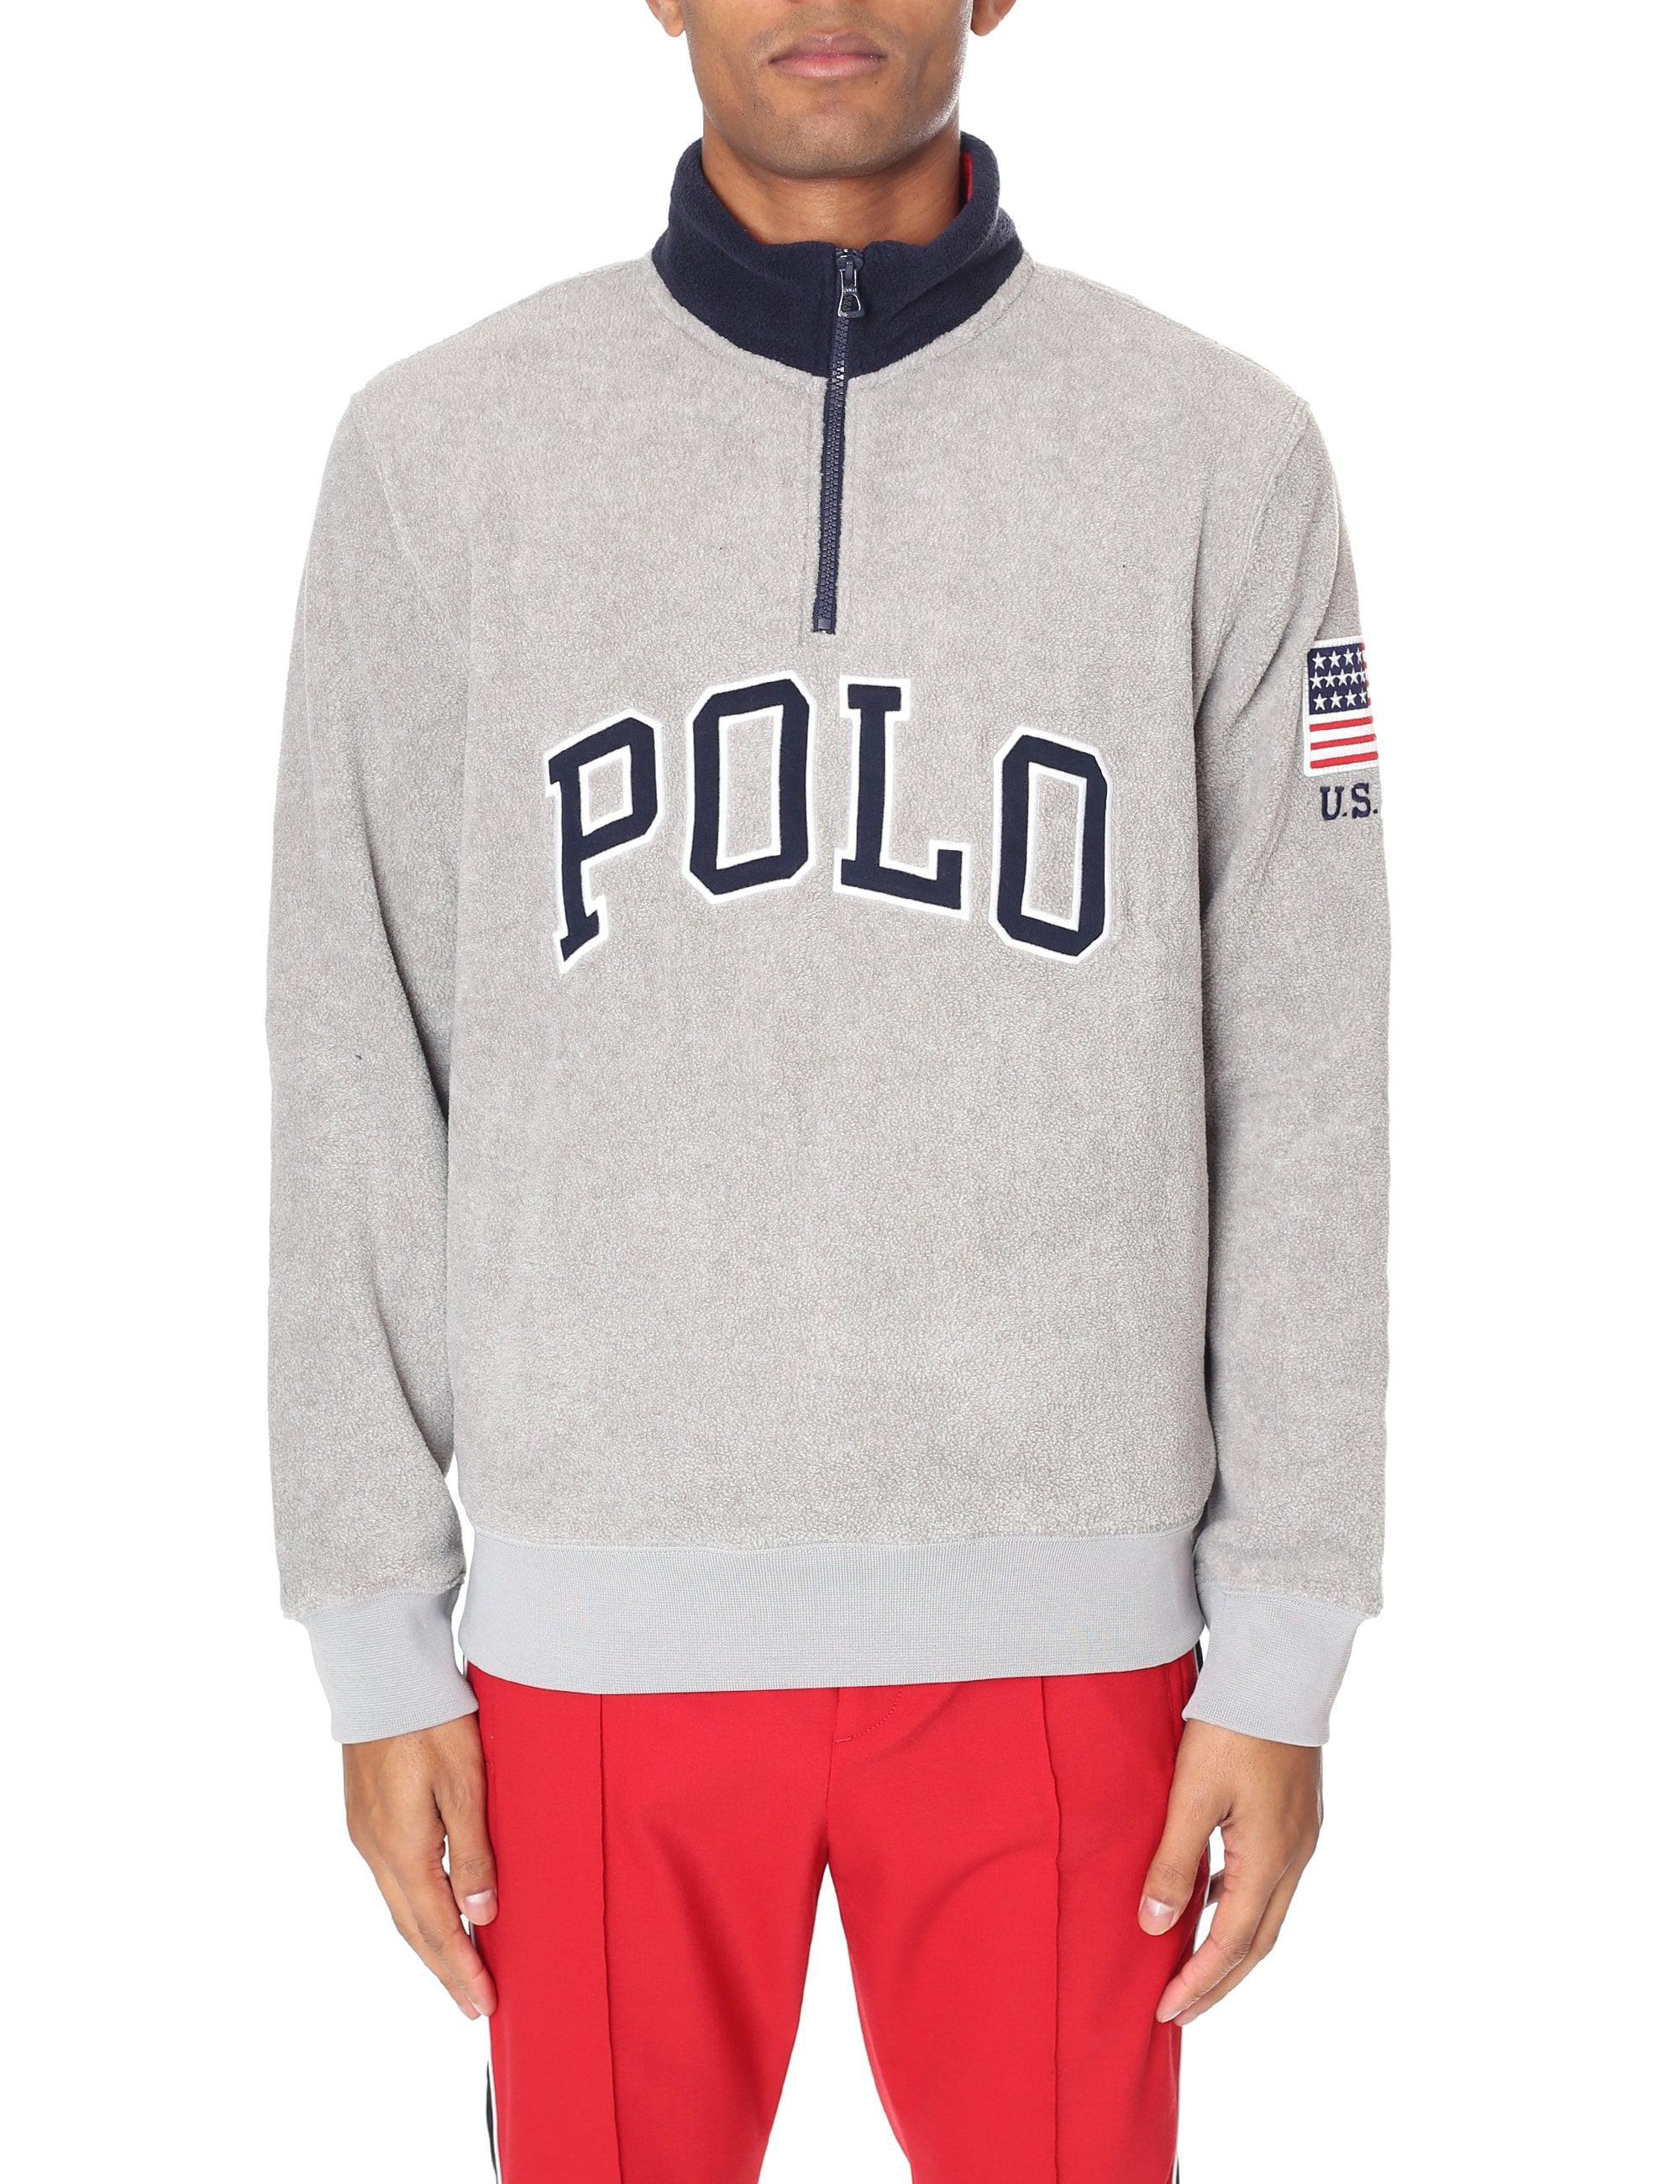 Polo Ralph Lauren Half Zip Pullover Logo Fleece in Gray for Men - Lyst 480913ff2d7